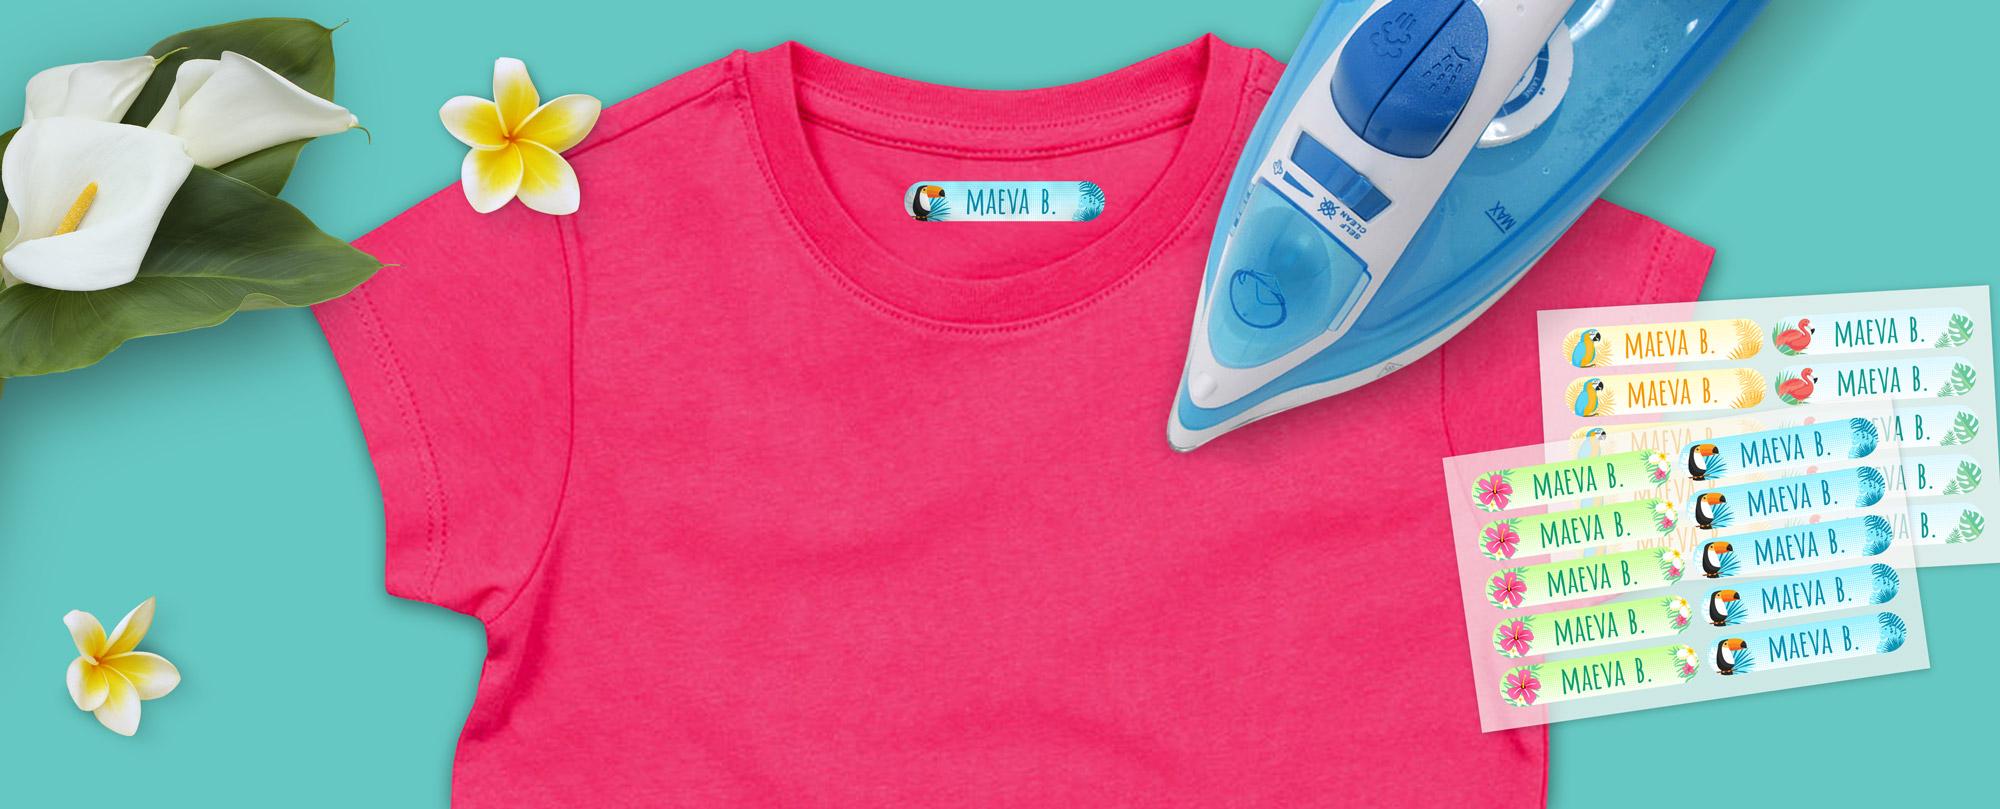 étiquette vêtement thermocollante